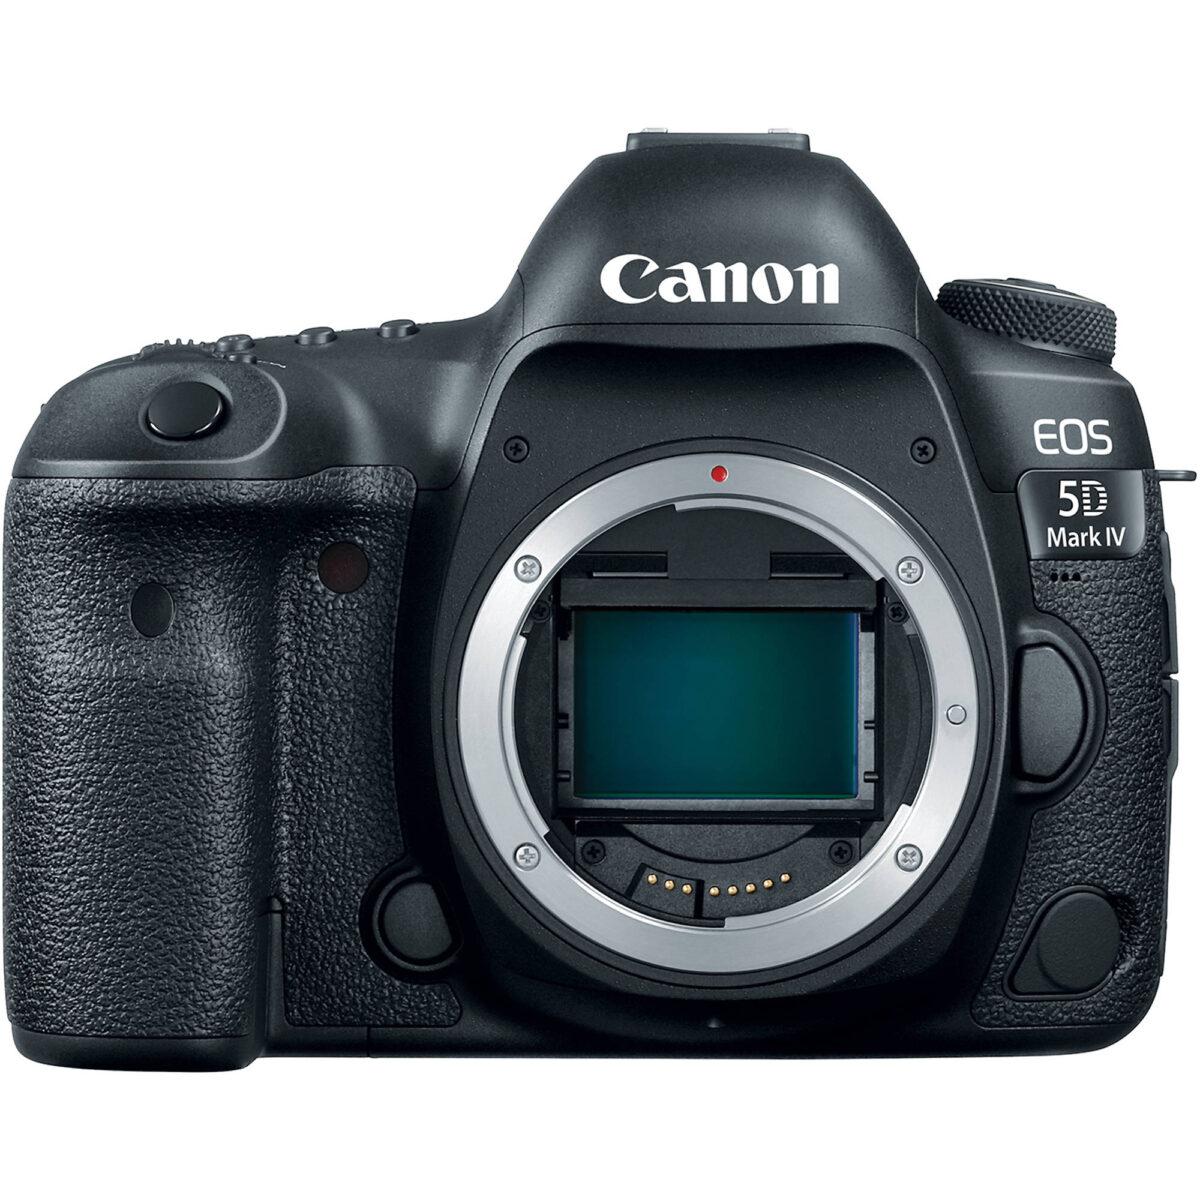 خرید اینترنتی دوربین canon eos 5d mark IV تایپ 2 - یزد کمرا